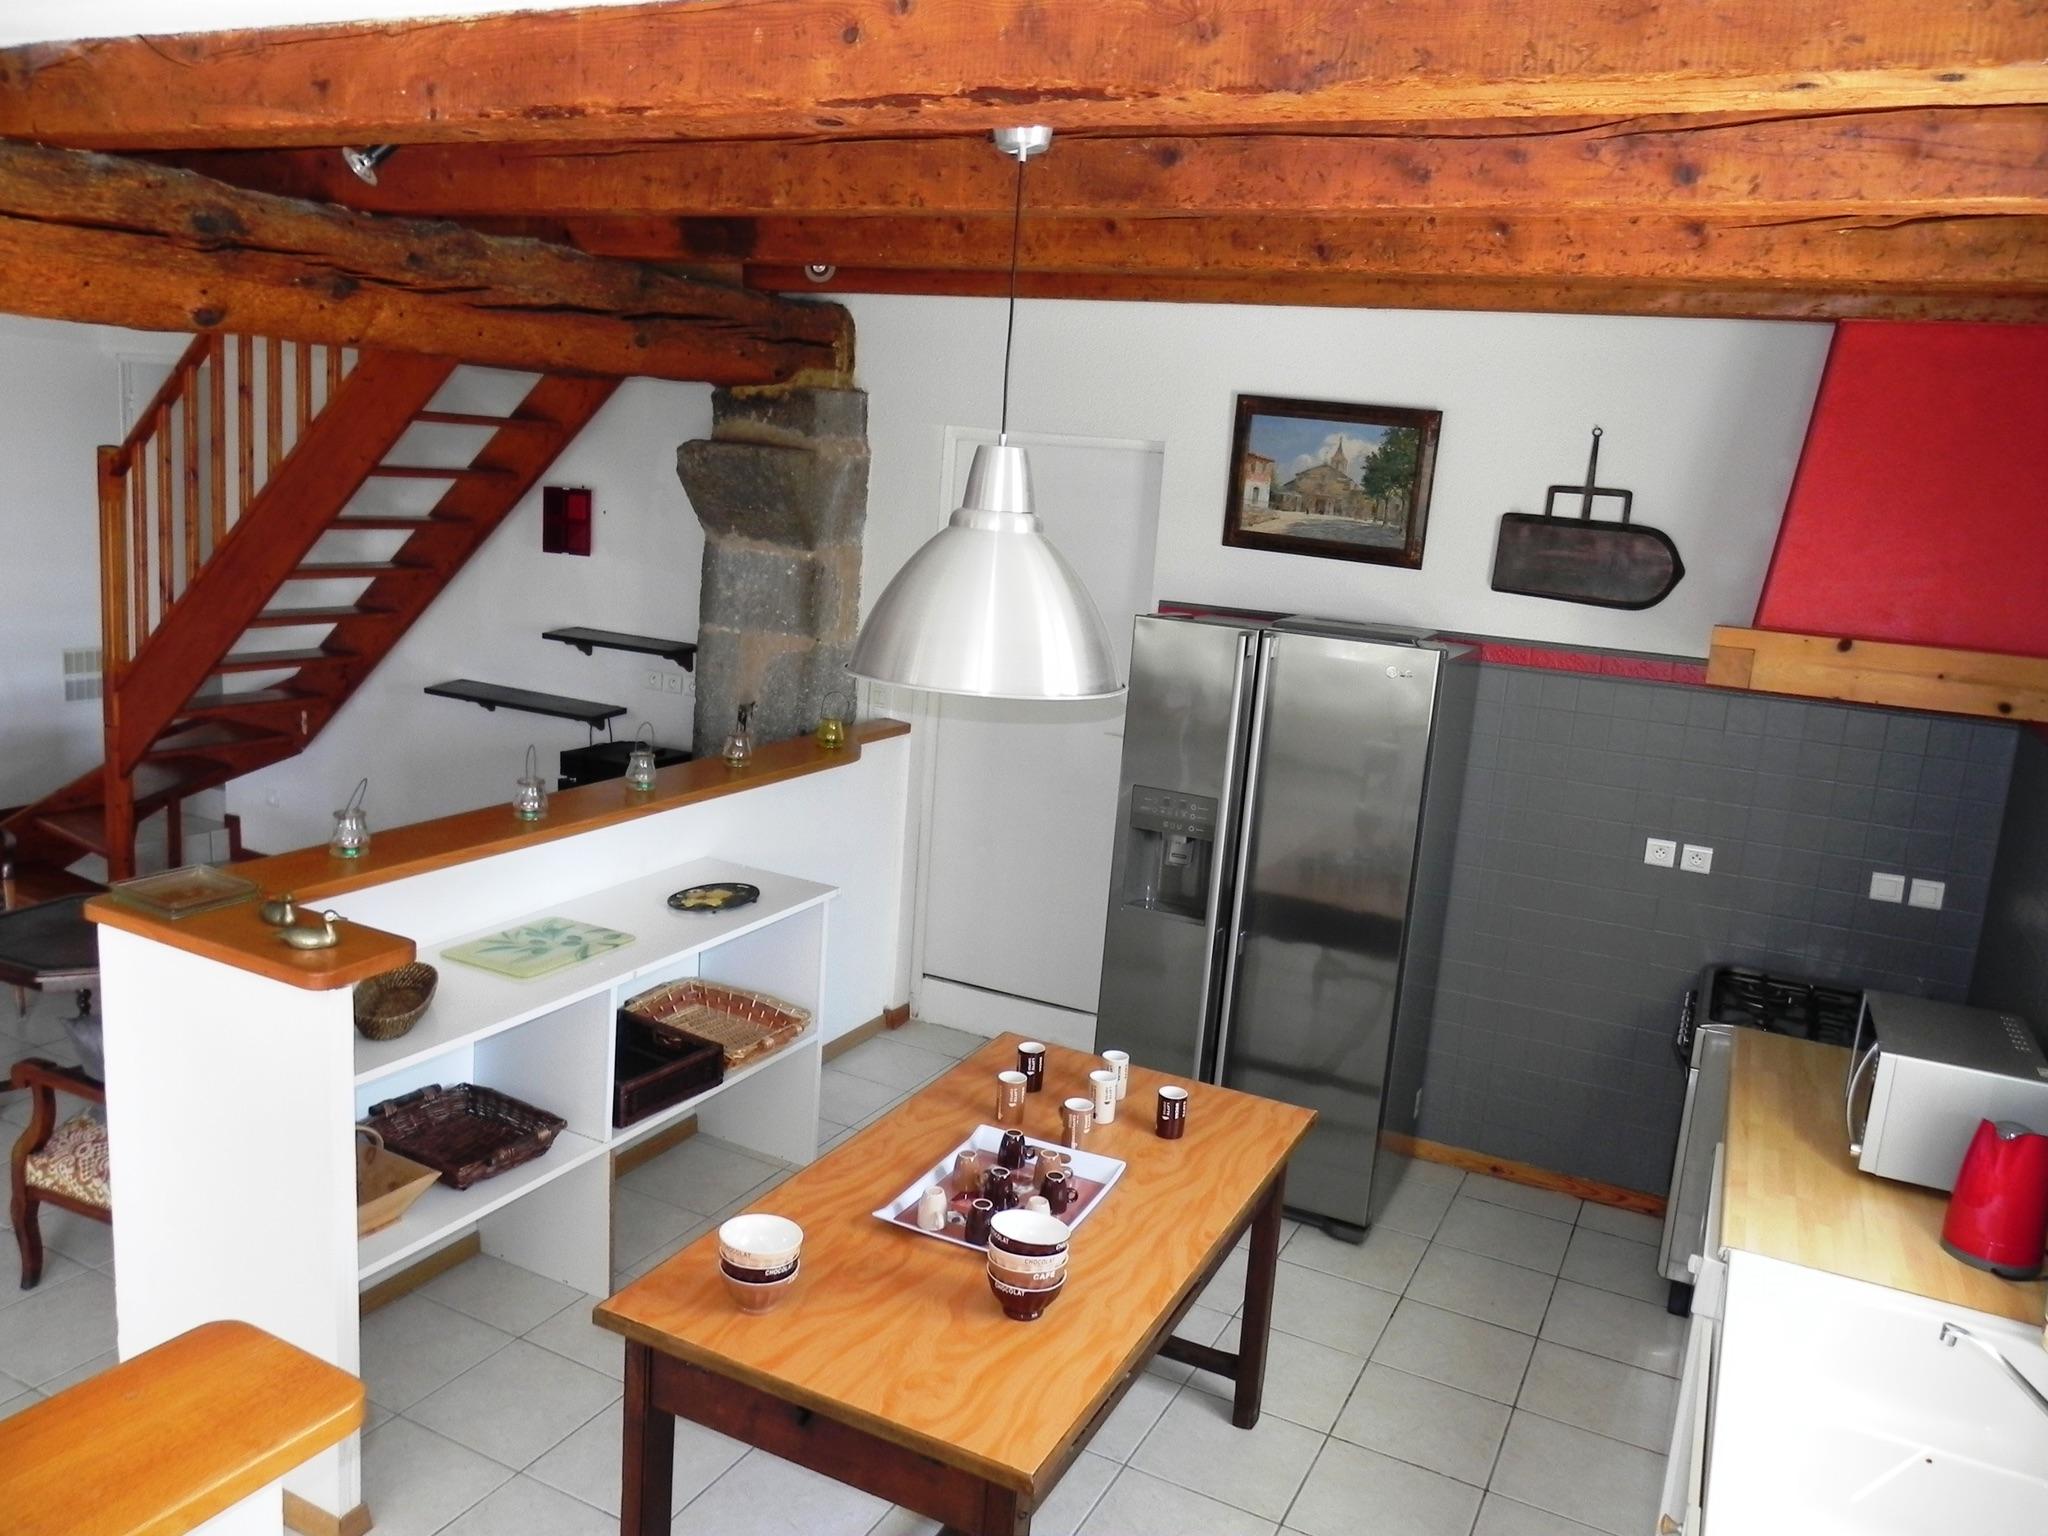 Ferienhaus Bauernhaus in der Languedoc-Roussillon mit Pool und üppigem Garten (2201002), Portiragnes, Mittelmeerküste Hérault, Languedoc-Roussillon, Frankreich, Bild 8